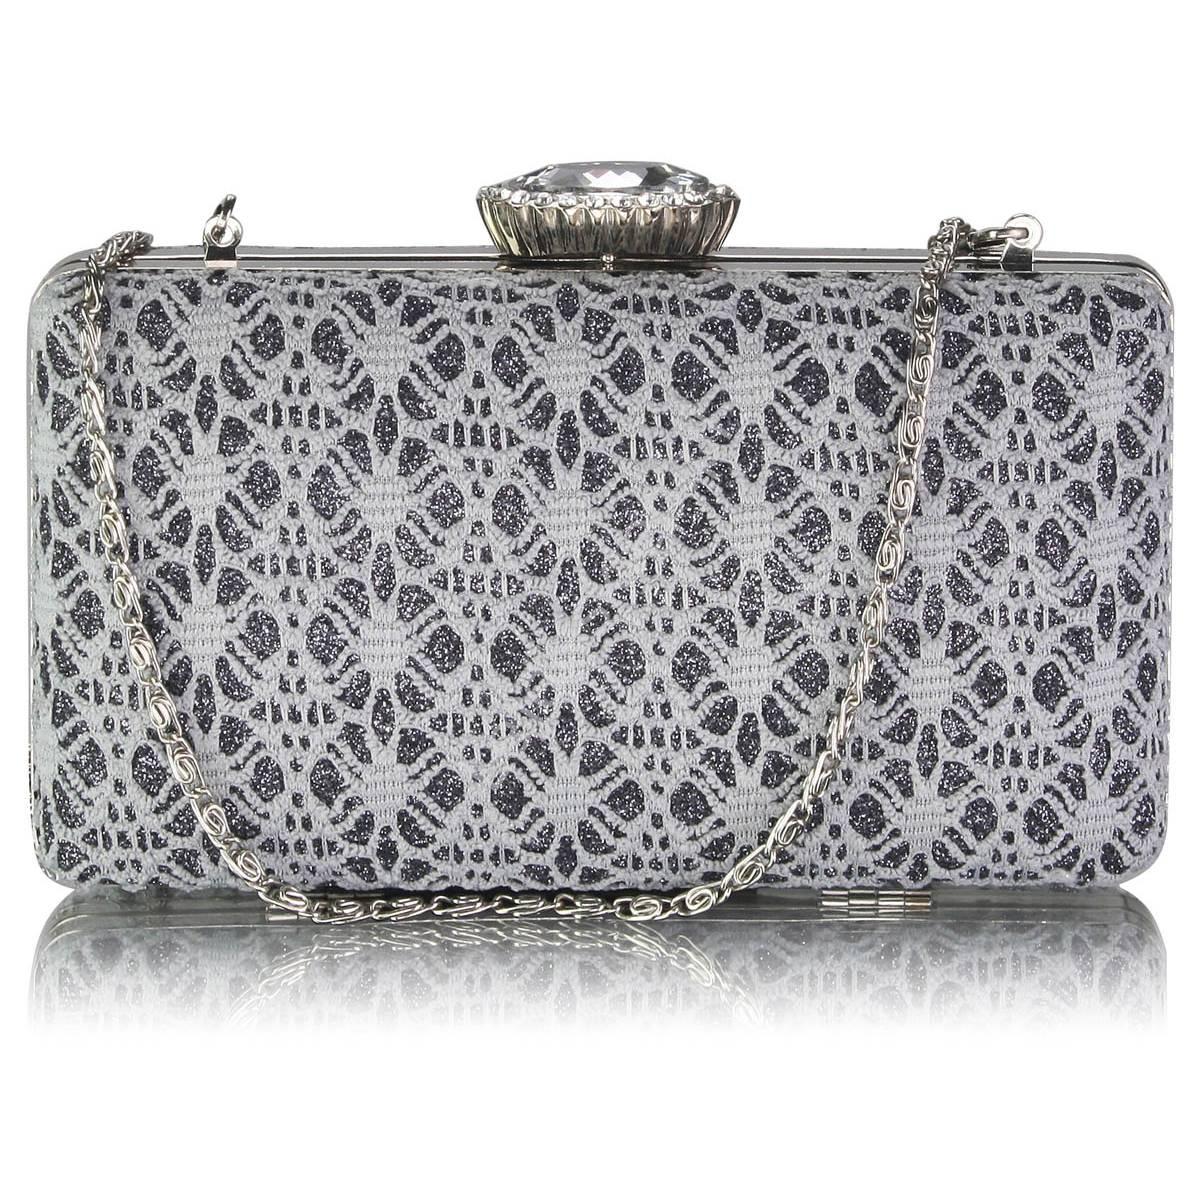 9be82b884d020 Szaro srebrna torebka wieczorowa w wiktoriańskim stylu